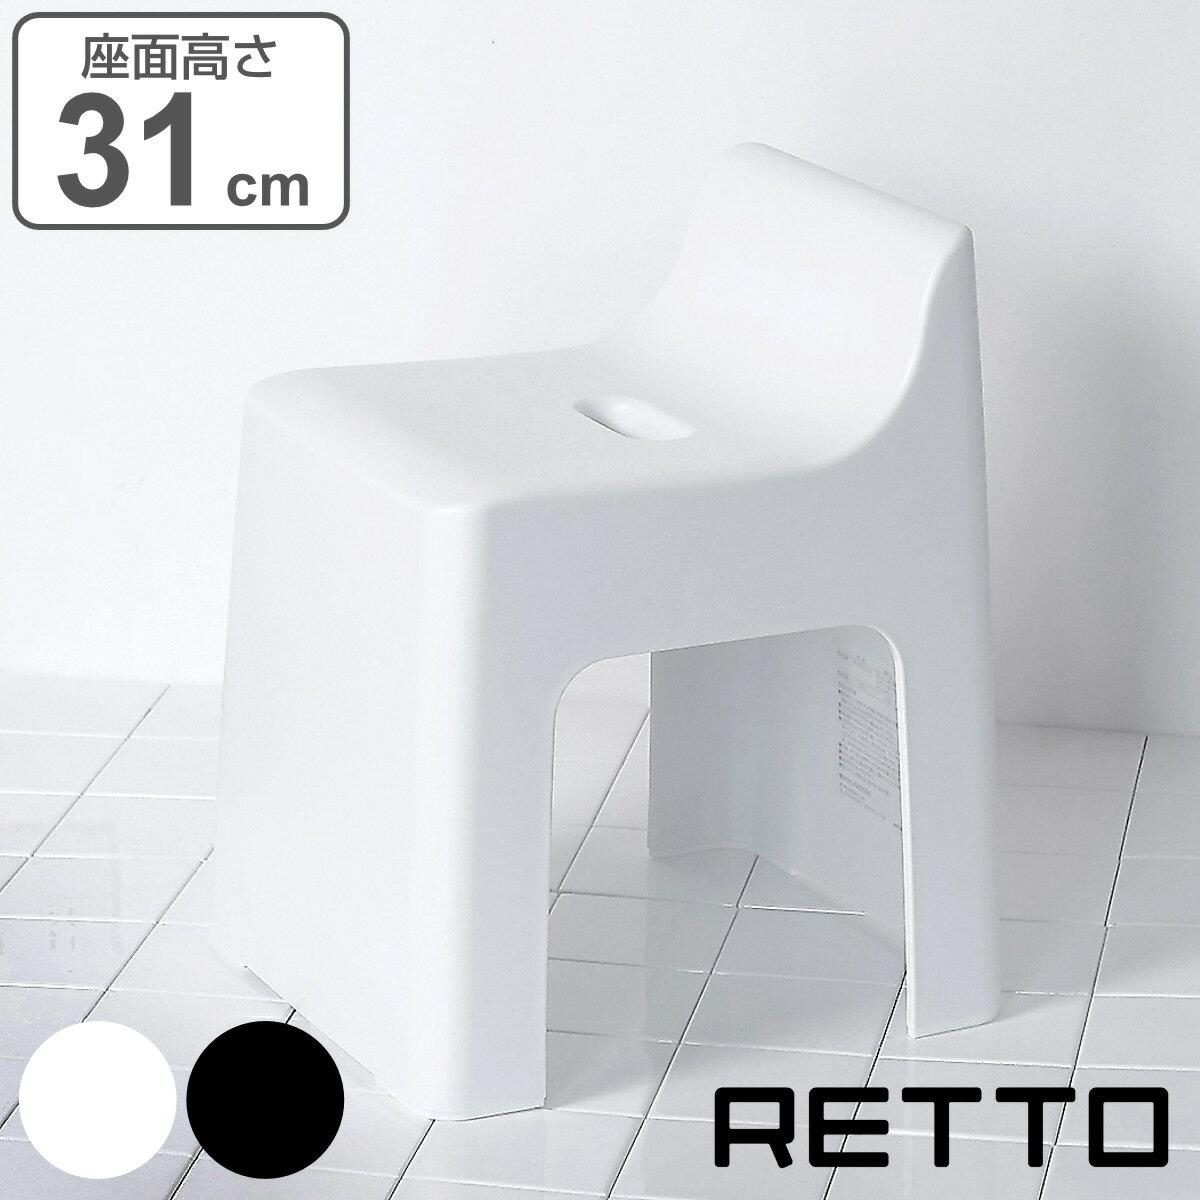 RETTO 風呂イス バスチェアー ハイチェア 高さ31cm